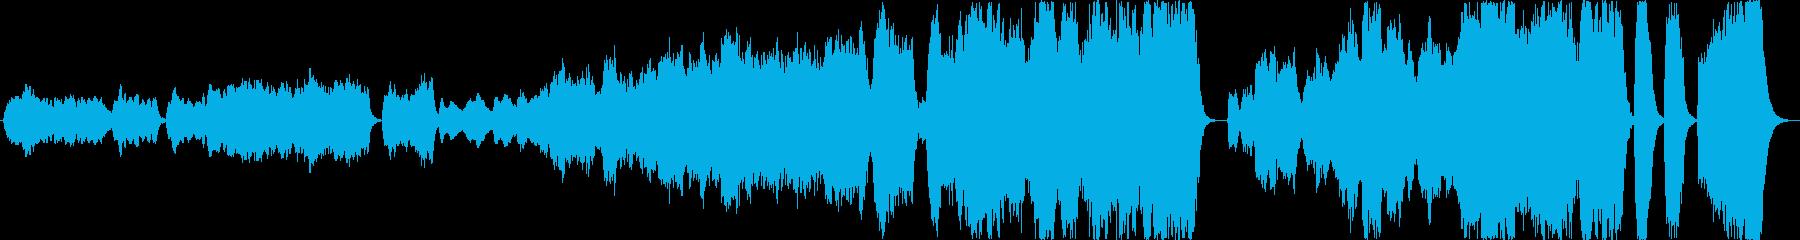 ファンタジーで雄大な雰囲気のBGMの再生済みの波形